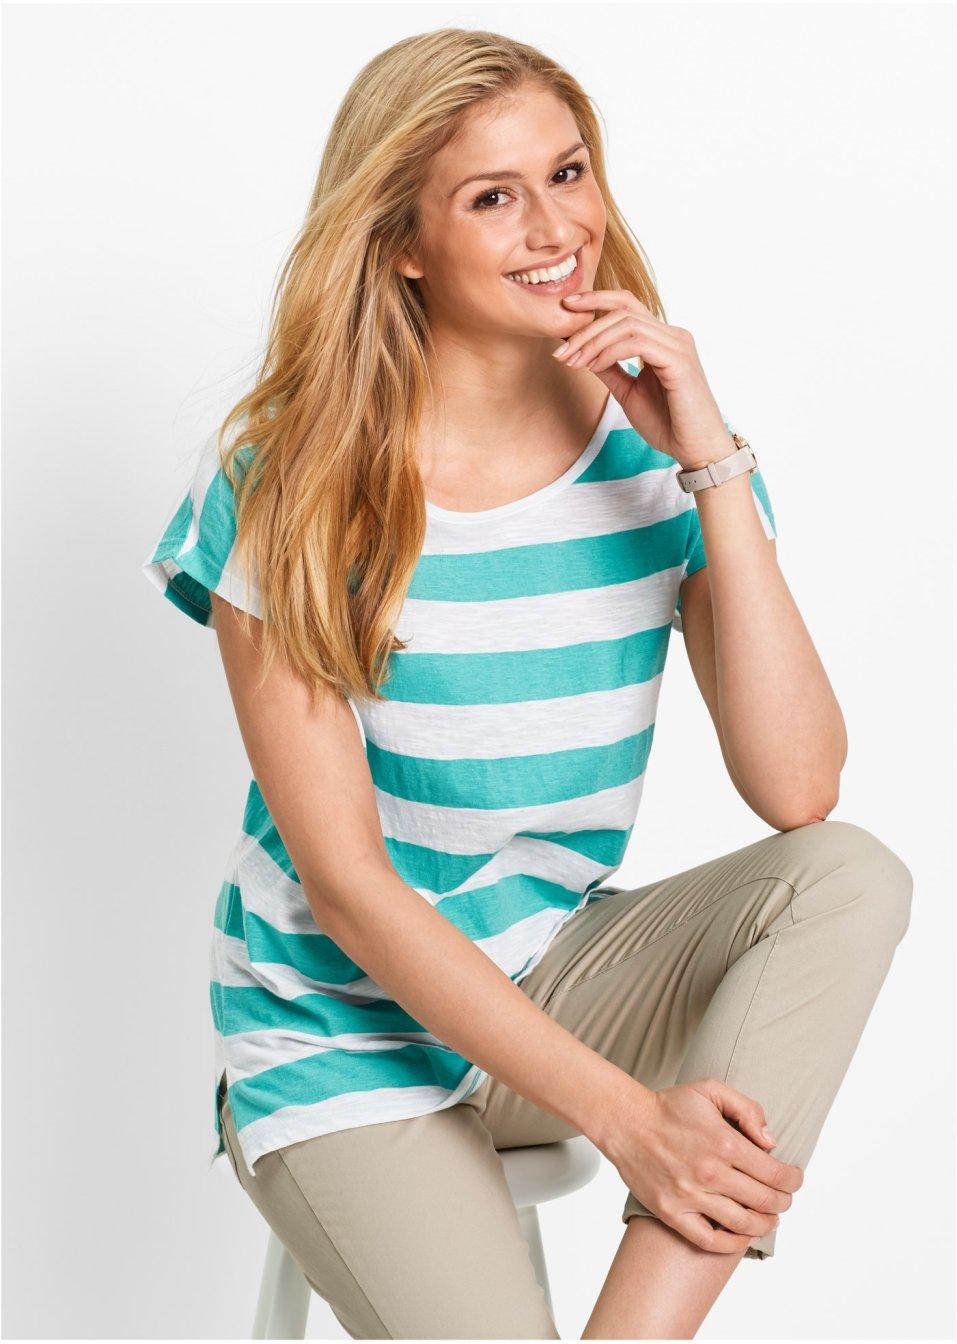 75d473760d185a Bigshirt Pacifisch groen wit gestreept - Dames - bpc bonprix collection -  bonprix.nl